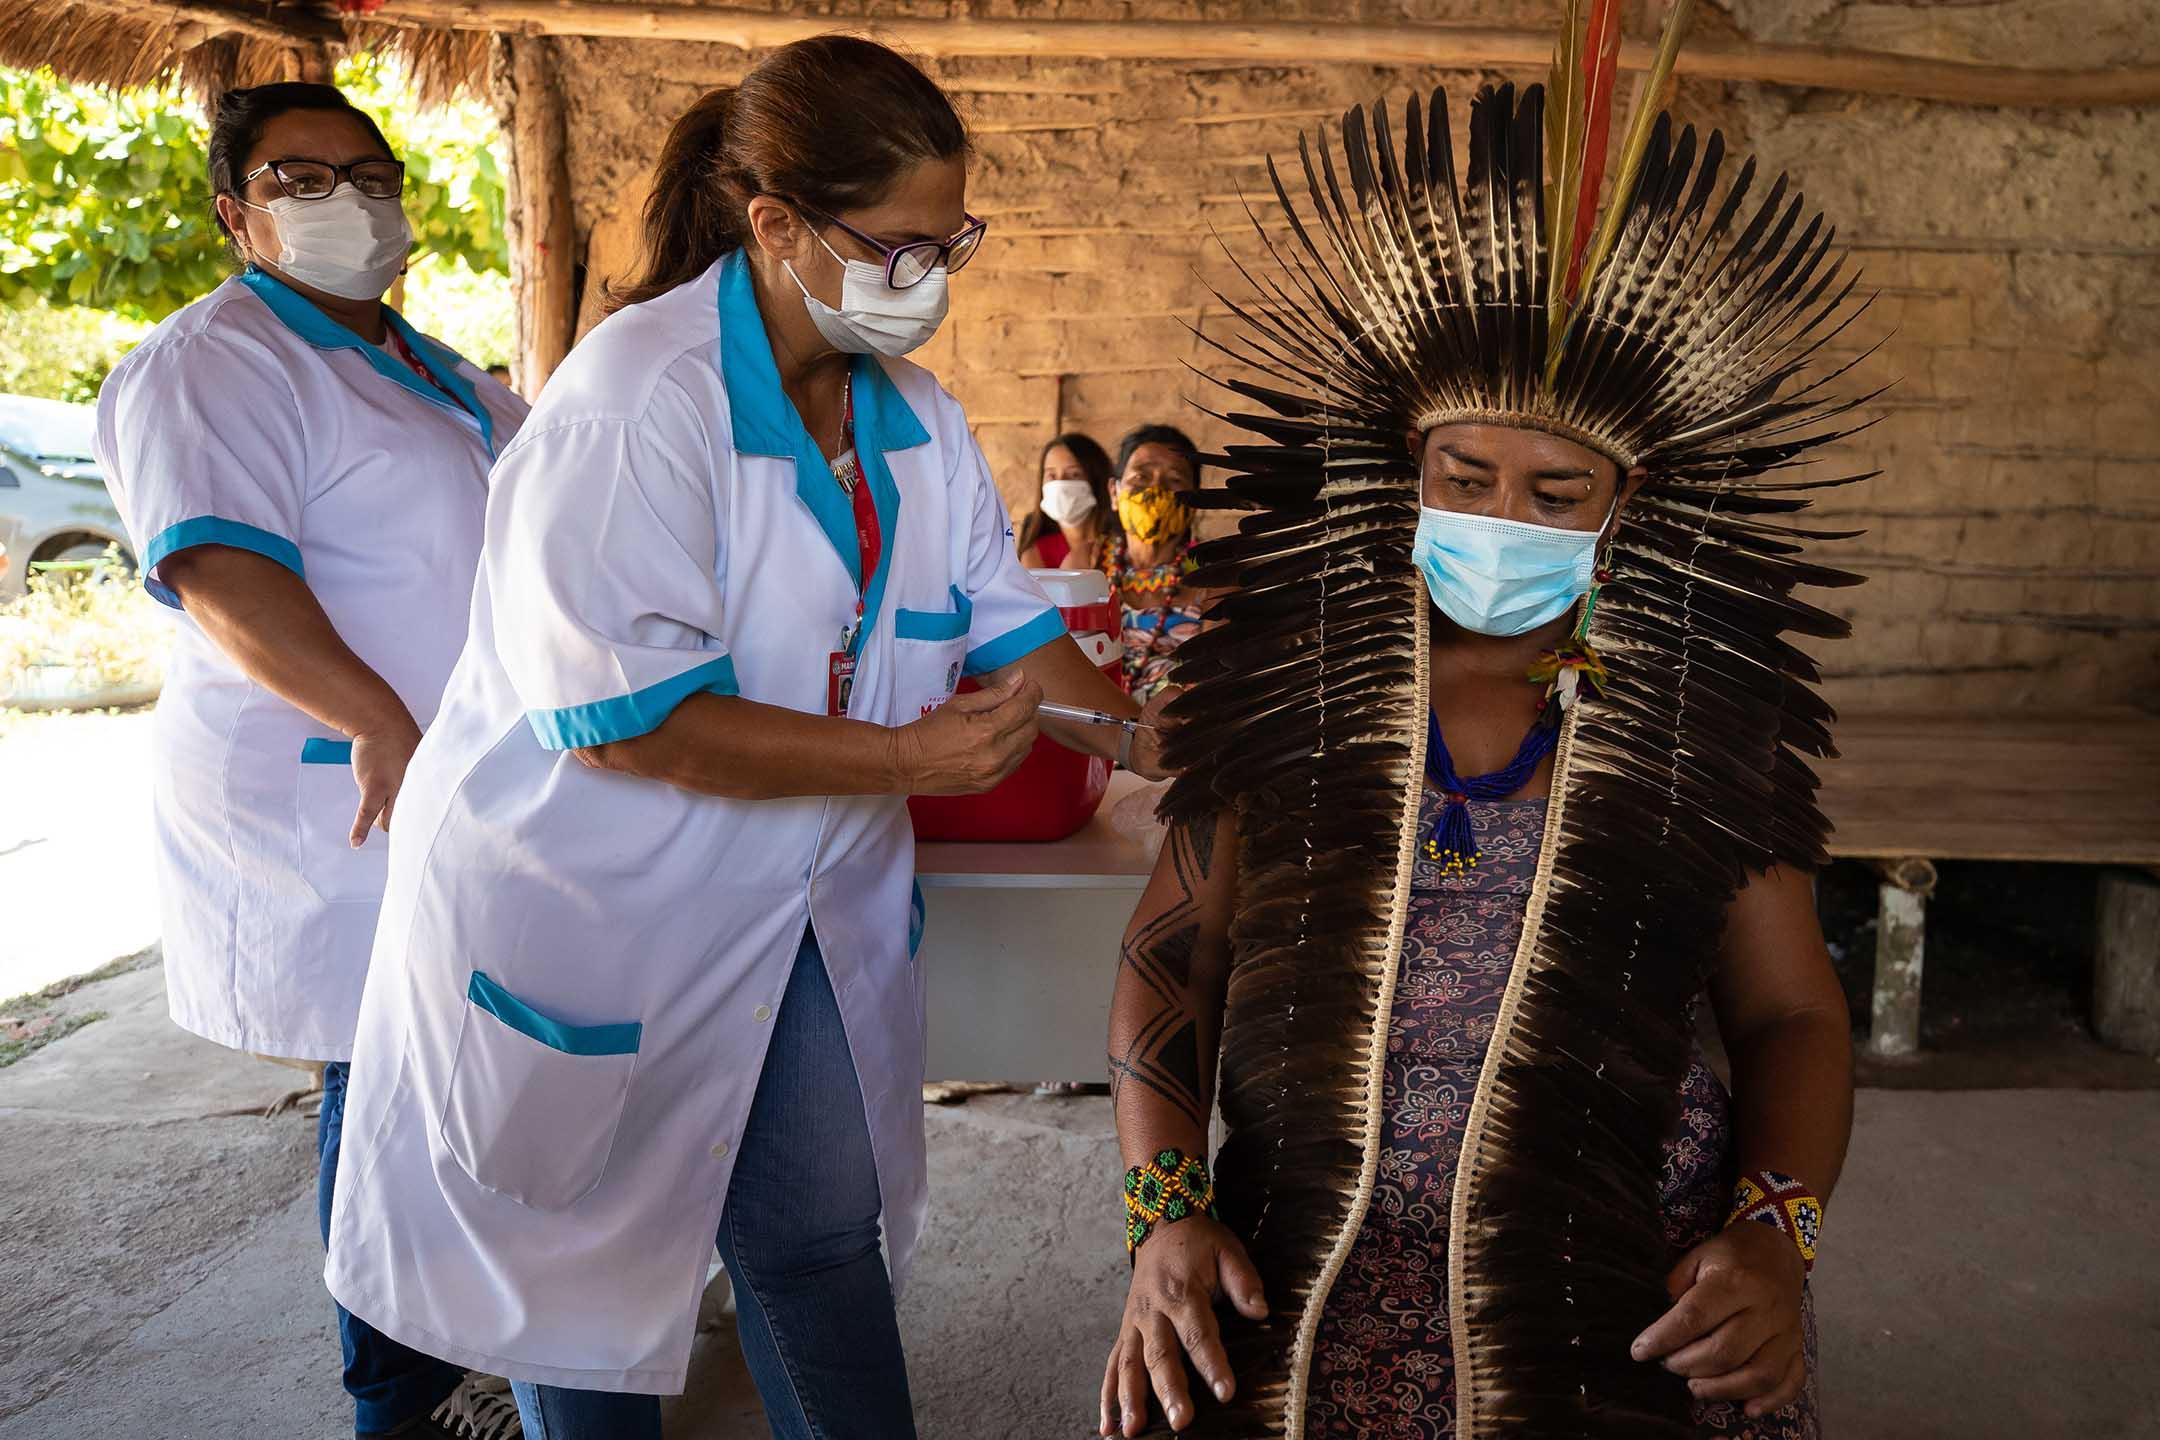 2021年1月20日巴西馬里卡,一名酋長進行2019冠狀病毒疫苗接種期間,護士將科興疫苗注射在手臂上。